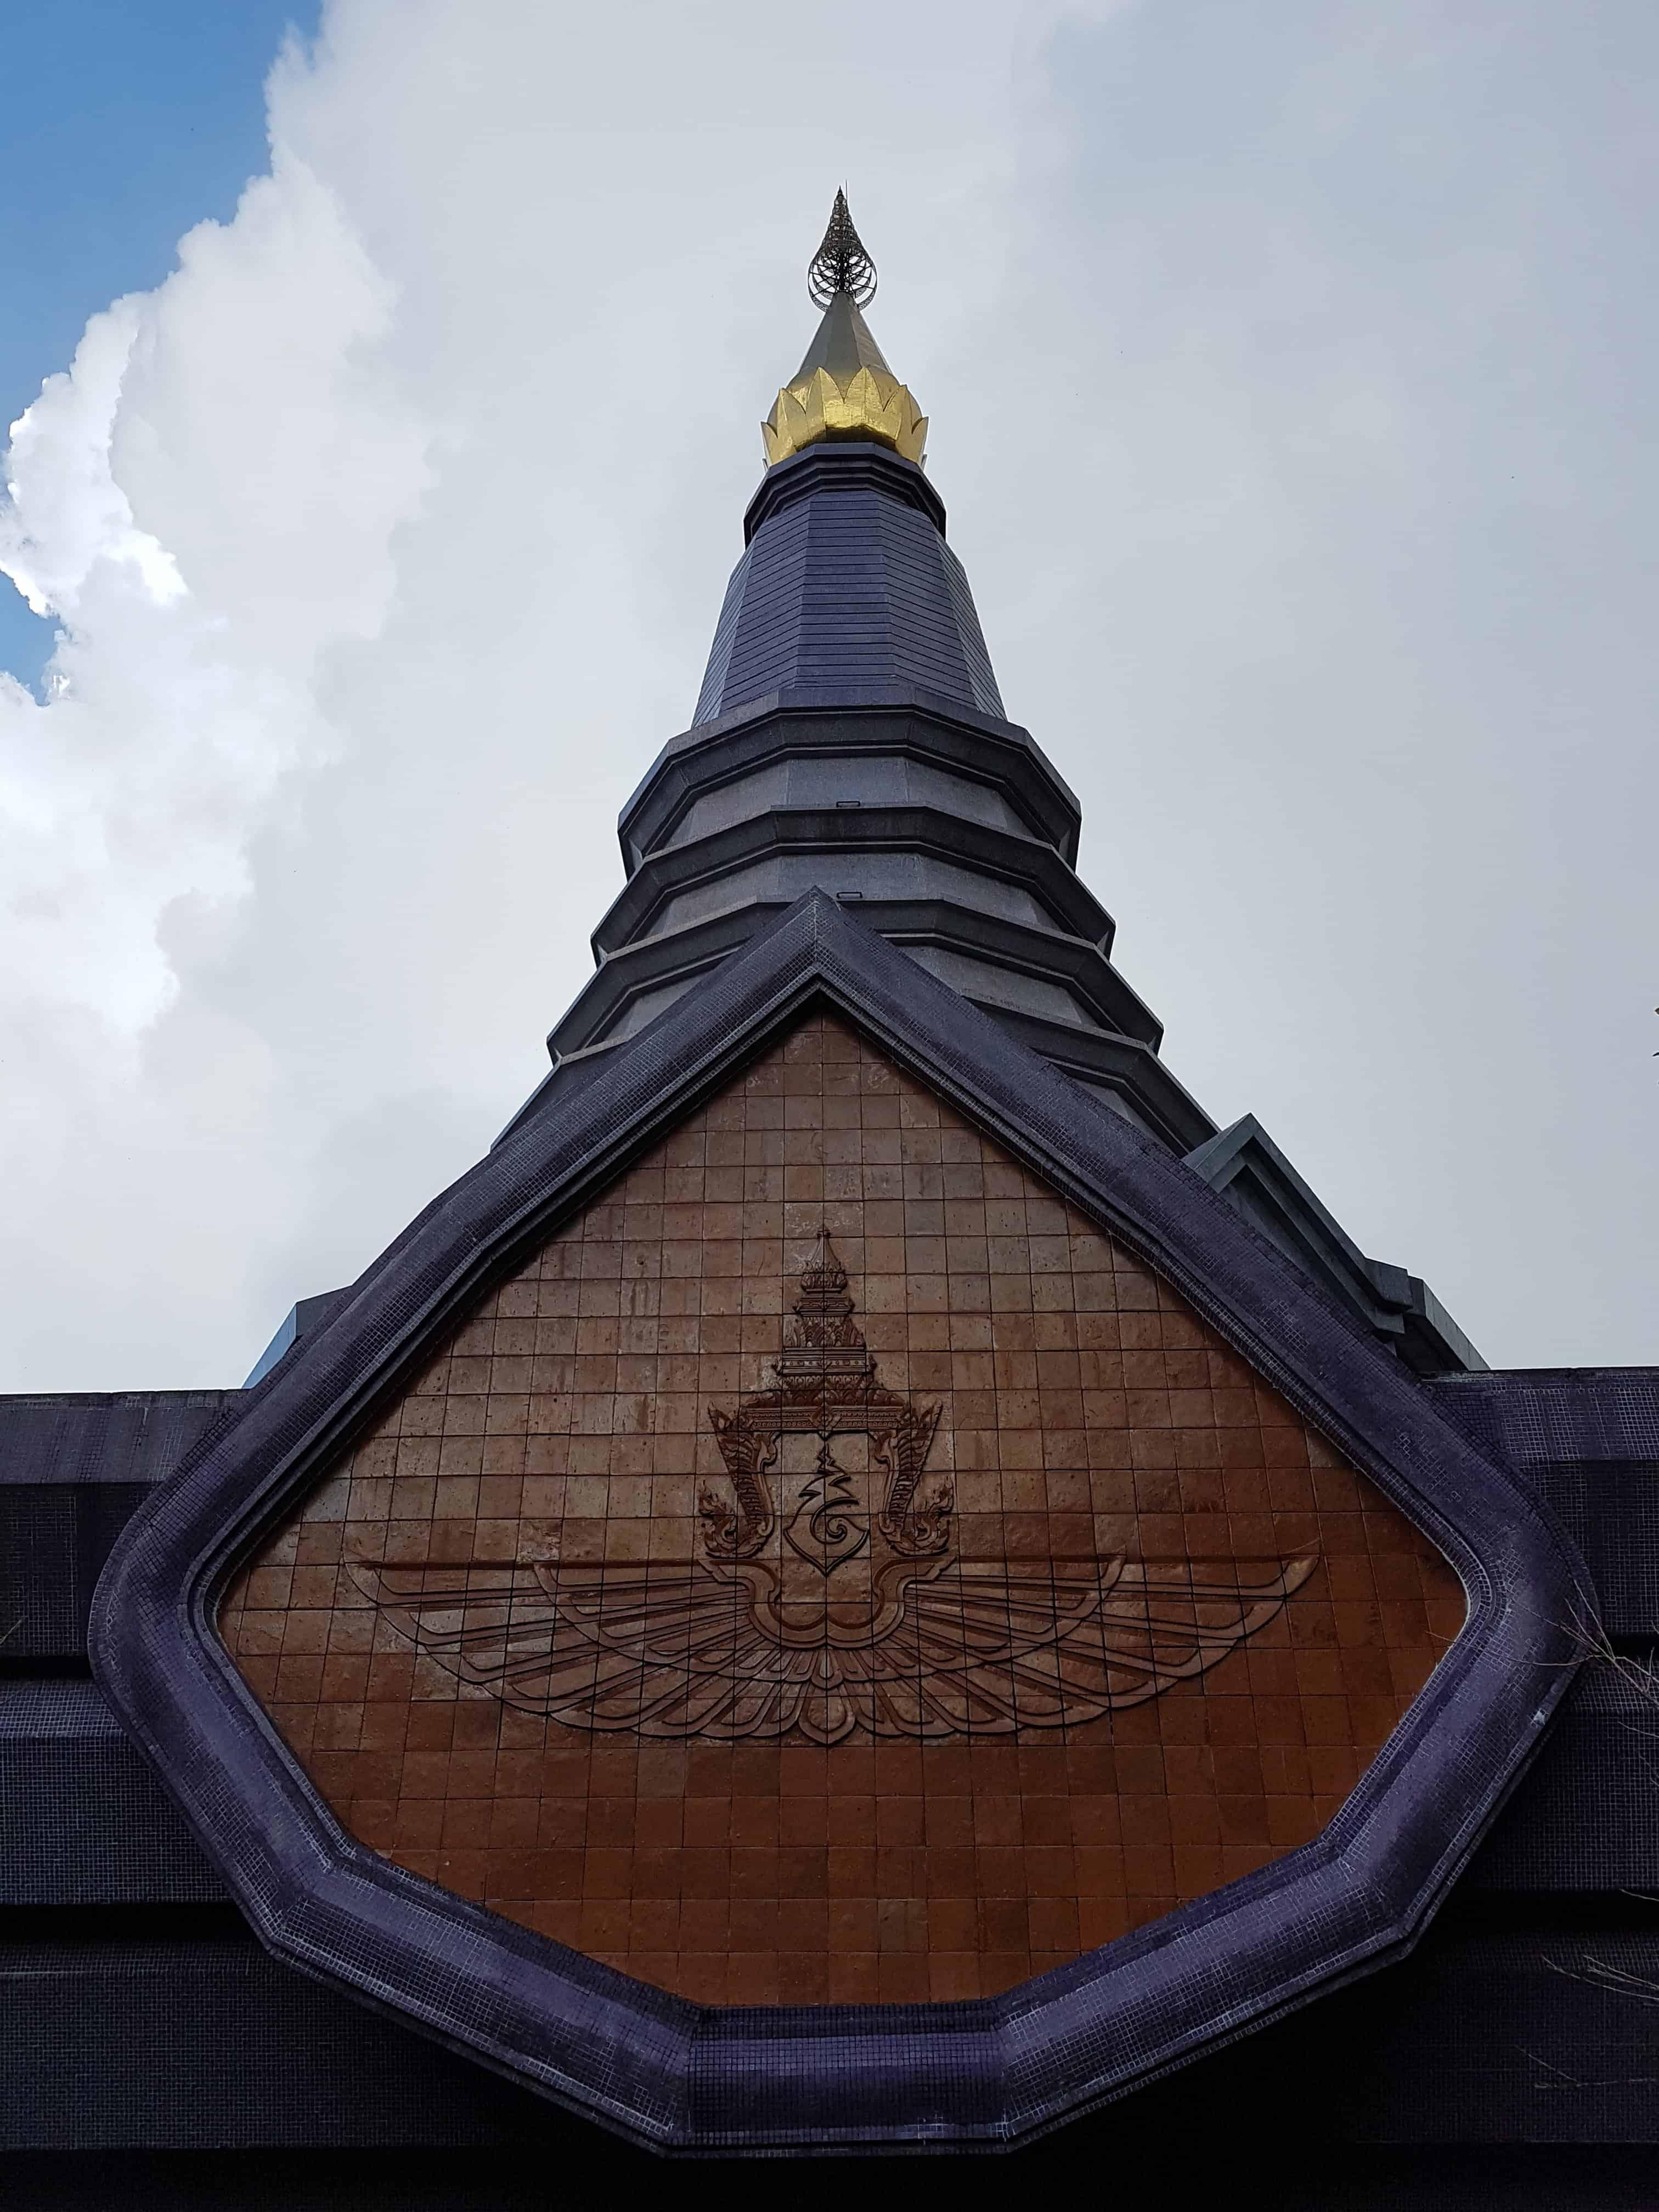 Thaïlande, King and Queen Pagoda le temple le plus haut du pays 🛕 4